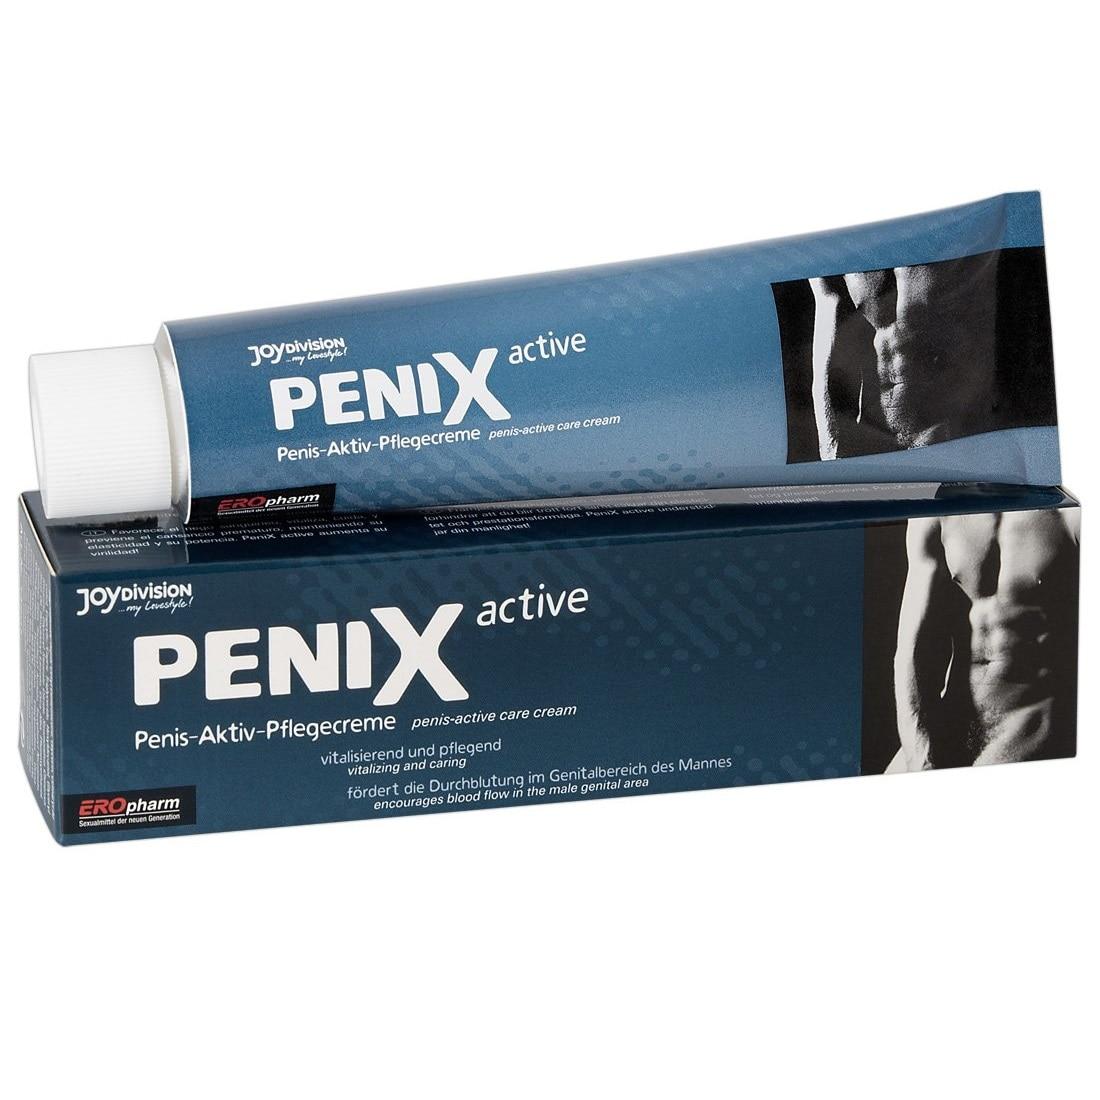 unguente și spray- uri pentru a îmbunătăți erecția penisul londonez